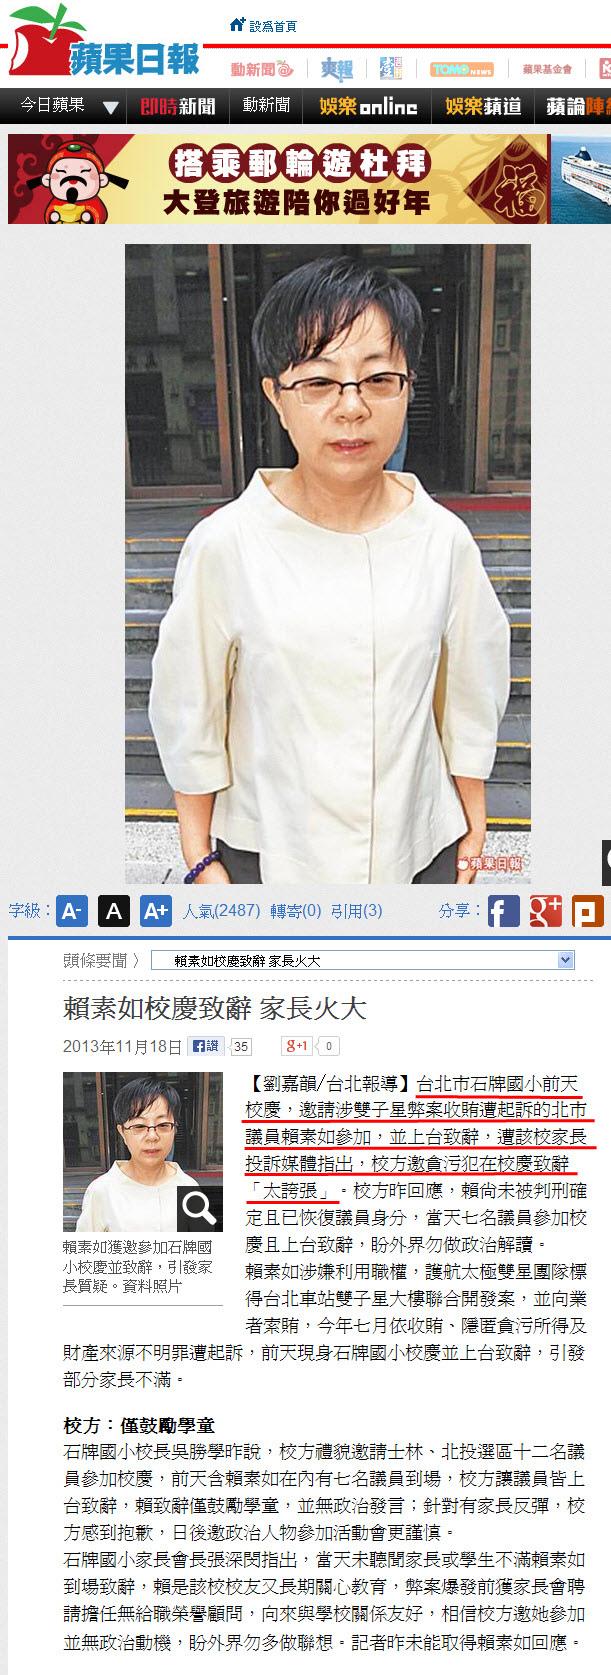 賴素如校慶致辭 家長火大-2013.11.18.jpg